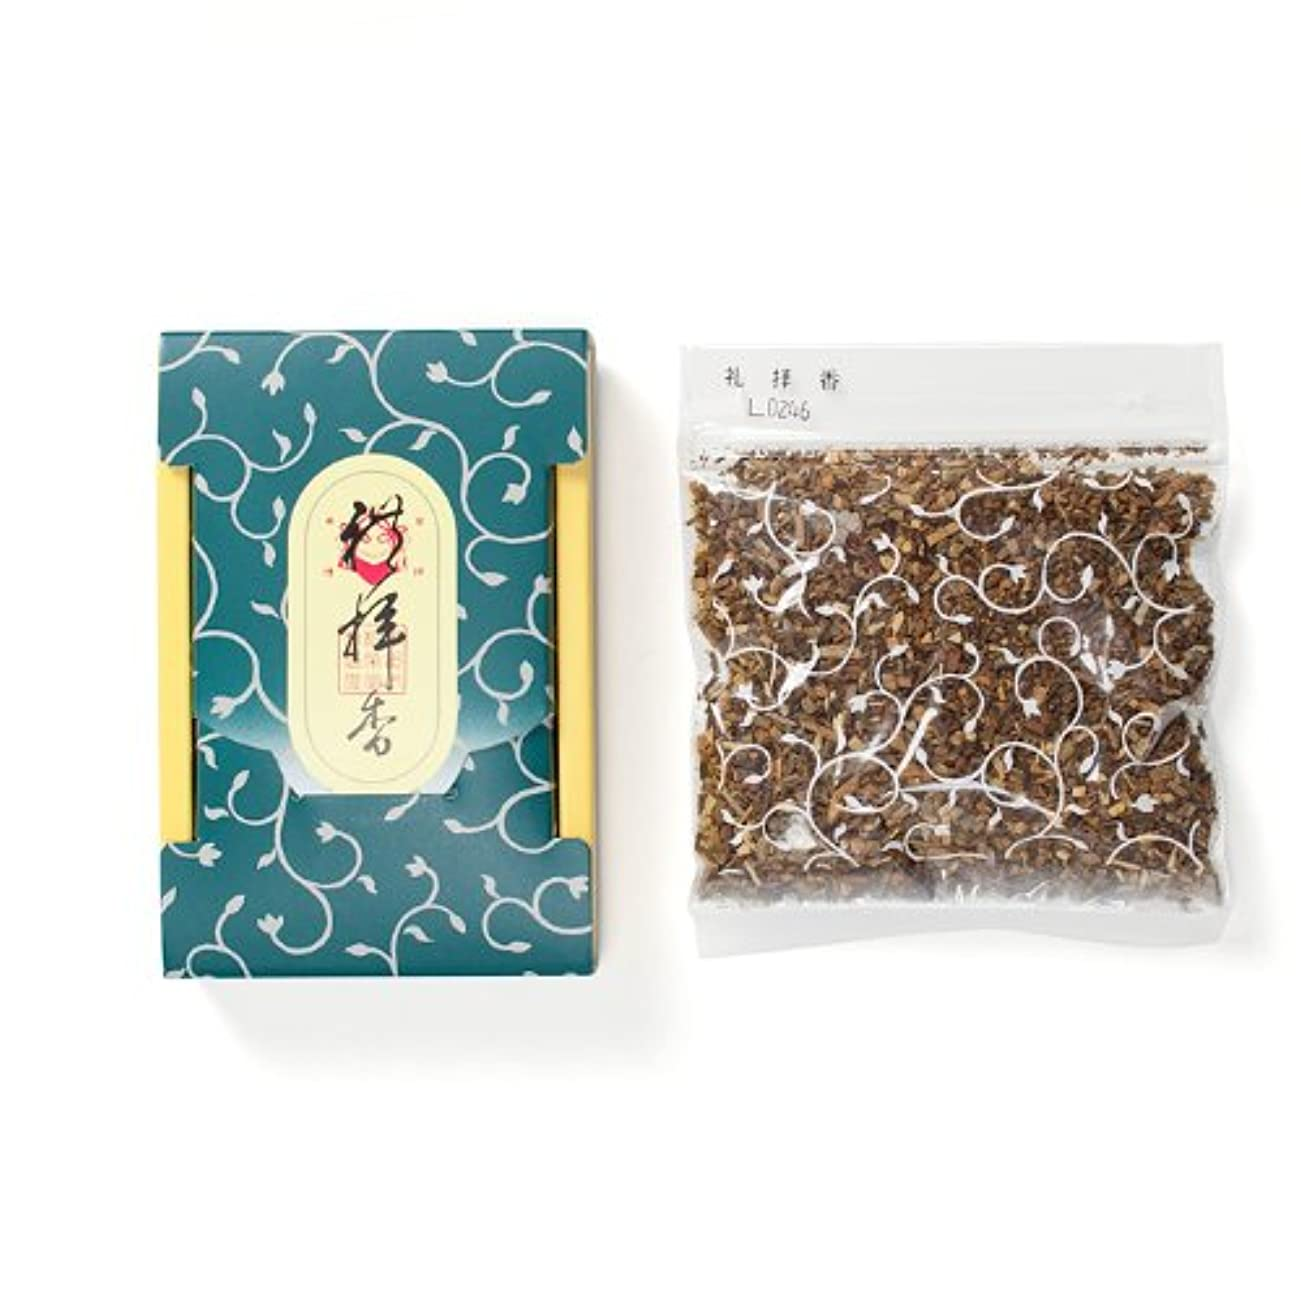 メトロポリタン融合中央松栄堂のお焼香 礼拝香 25g詰 小箱入 #410541